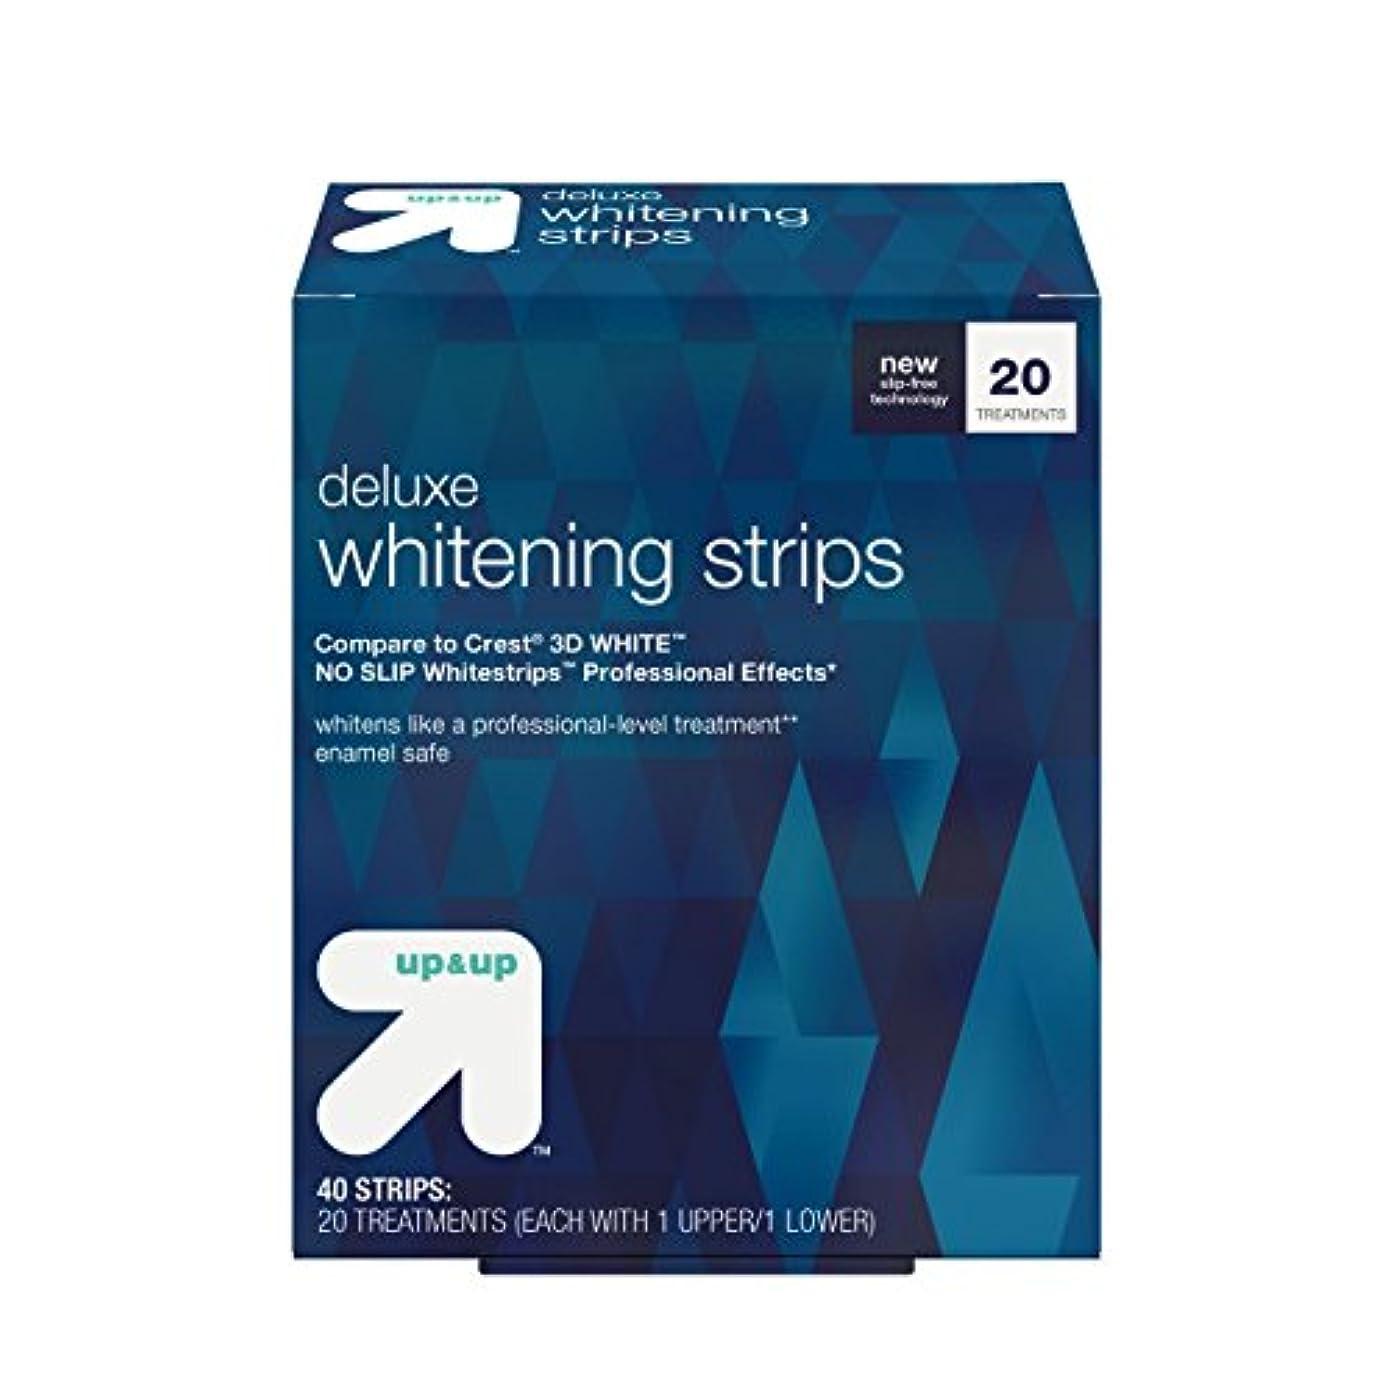 ミルクアピールエレガントデラックスホワイトニングストリップス 20日分 アップ&アップ Deluxe Whitening Strips -20 Day Treatment - up & up